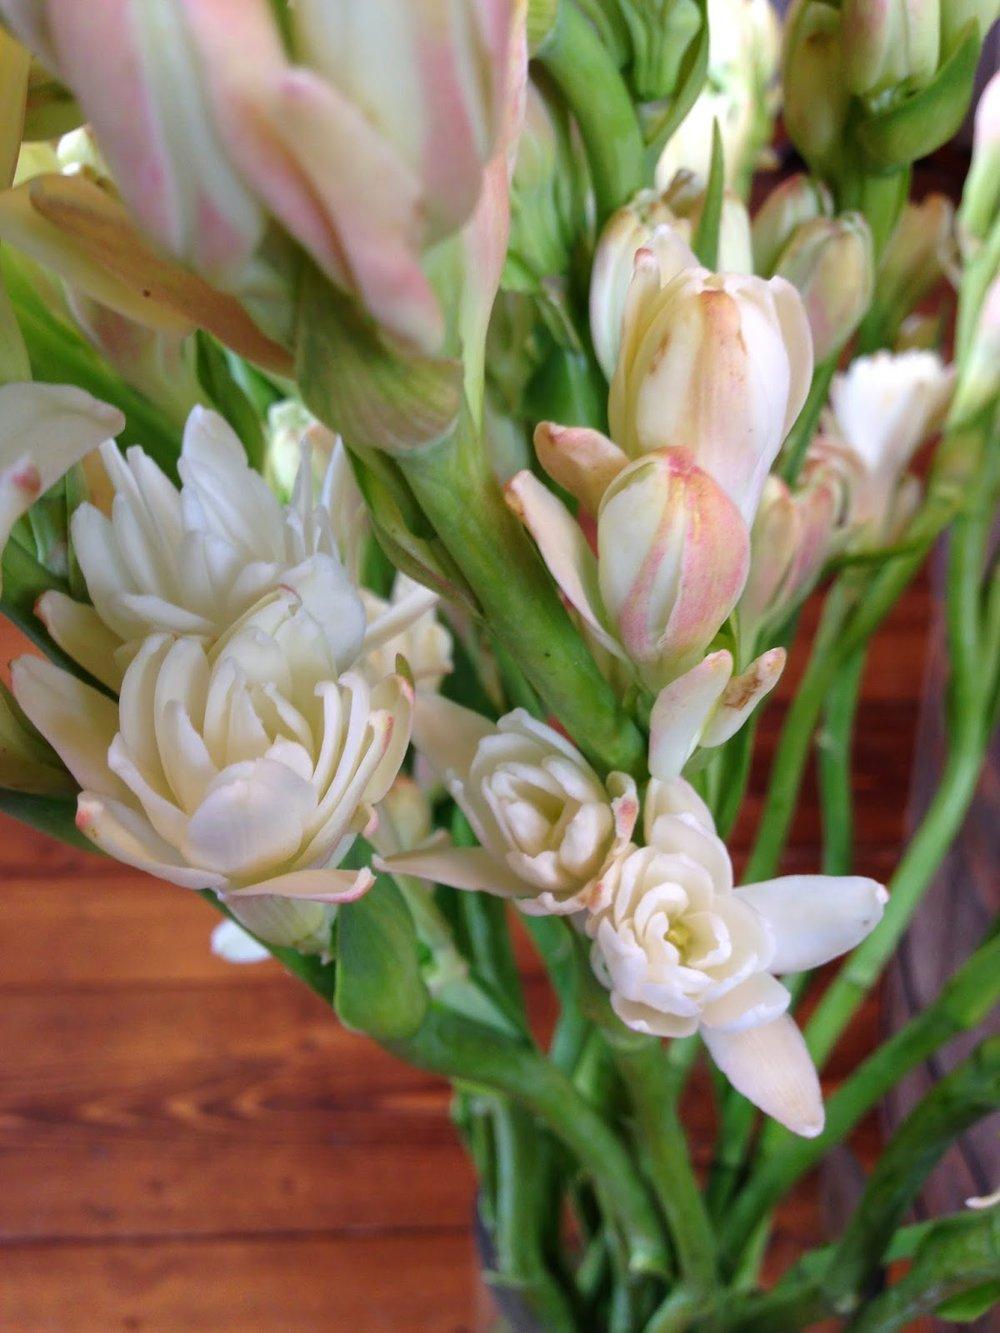 les fleurs : tuberose : champagne/ivory summer blooms